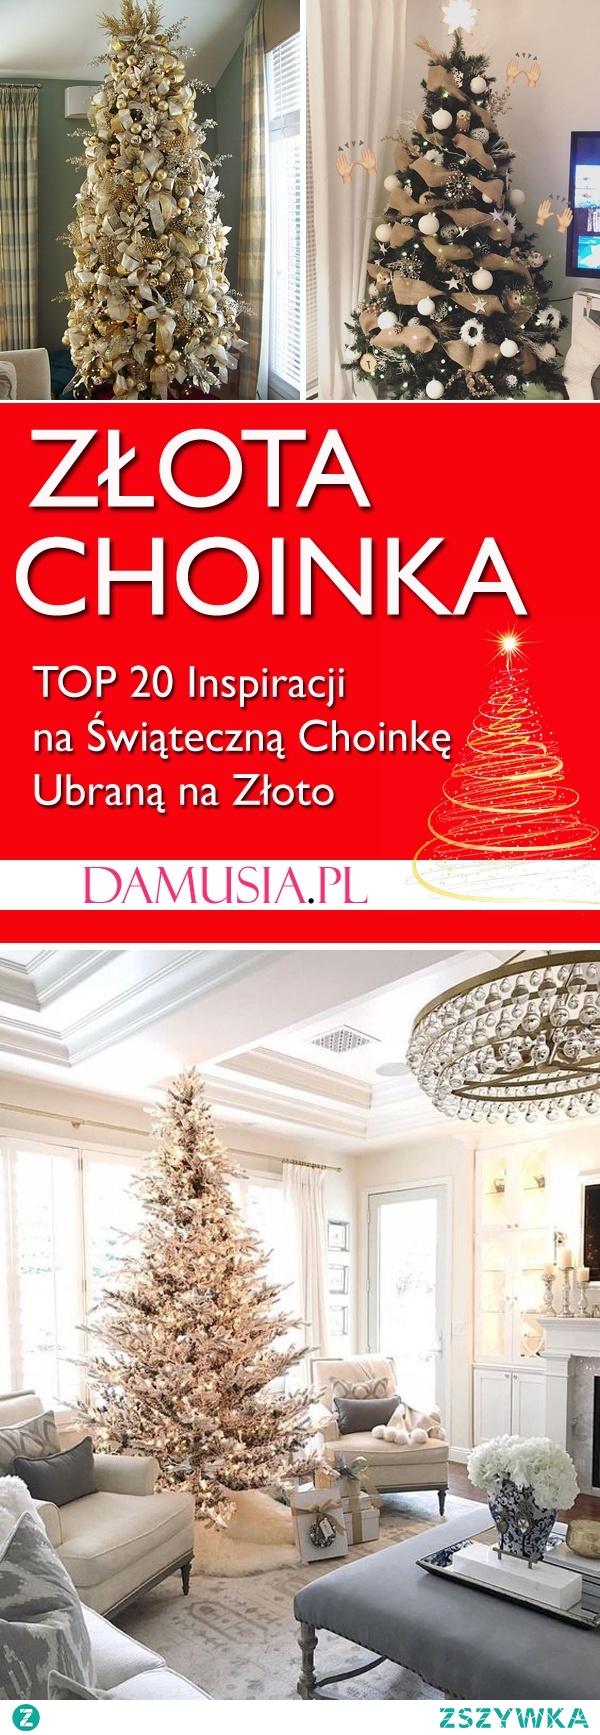 Złota Choinka: TOP 20 Świątecznych Inspiracji na Choinkę Ubraną na Złoto